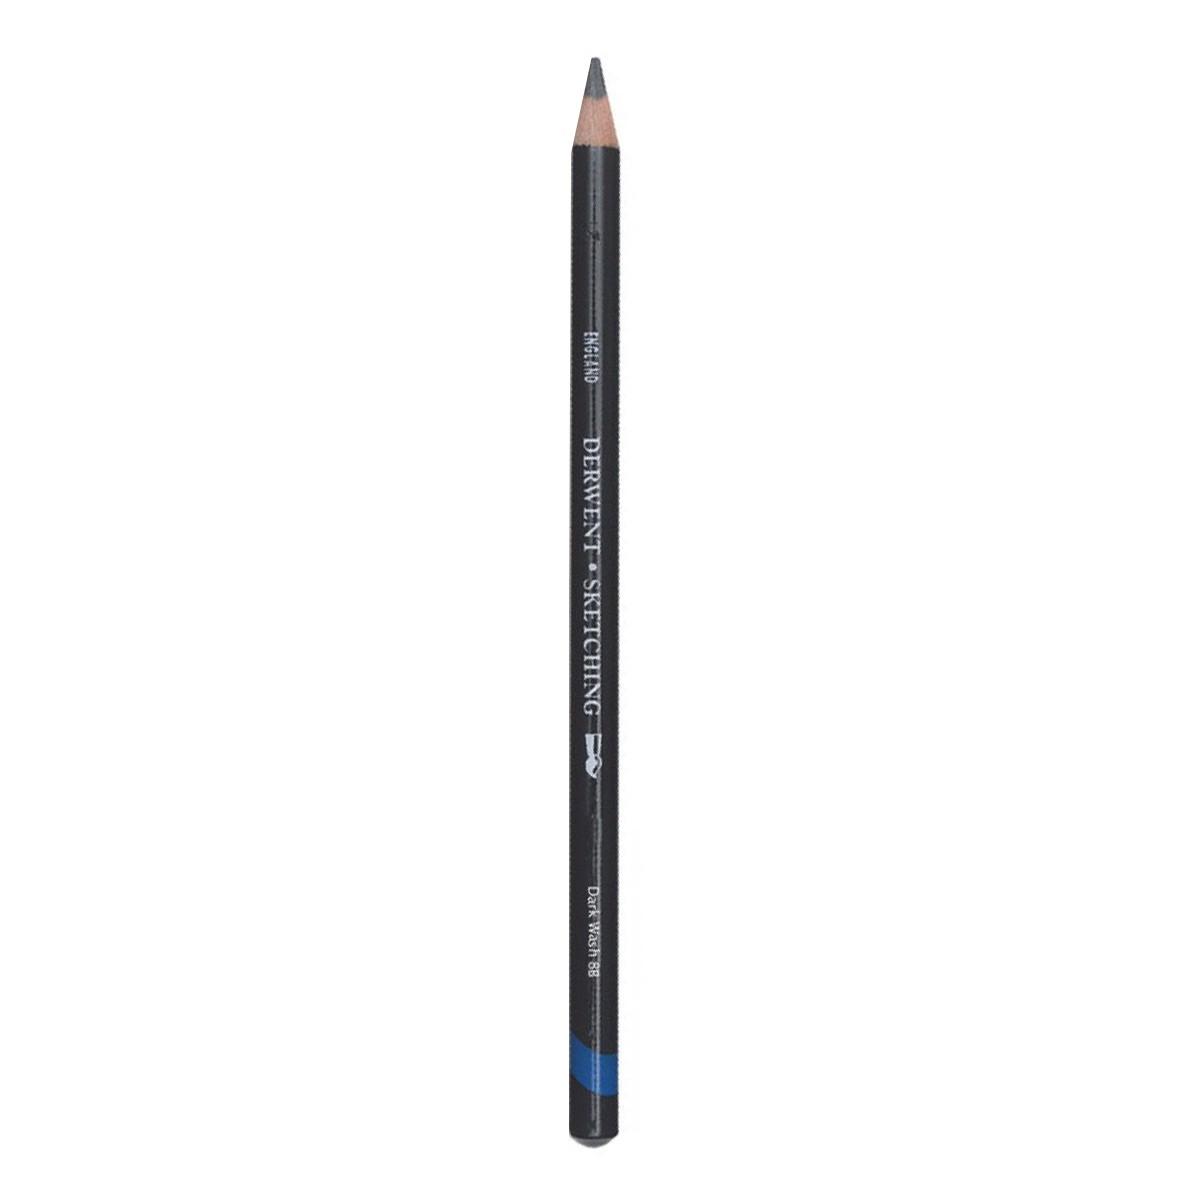 Derwent Akvarel grafit blyant 4B